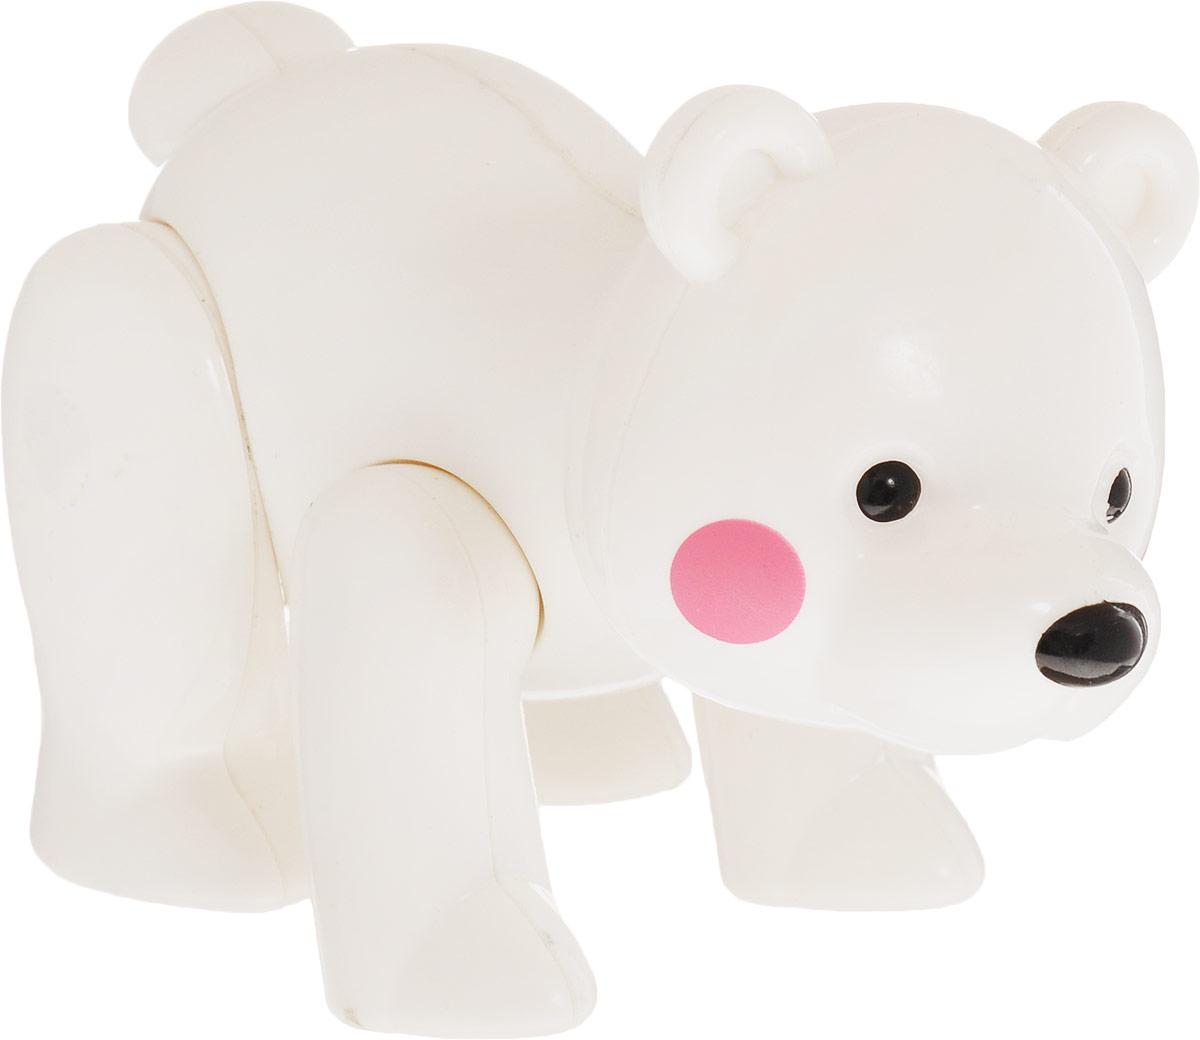 Ути-Пути Развивающая игрушка Медведь цвет белый ути пути развивающая игрушка обезьянка цвет красный оранжевый